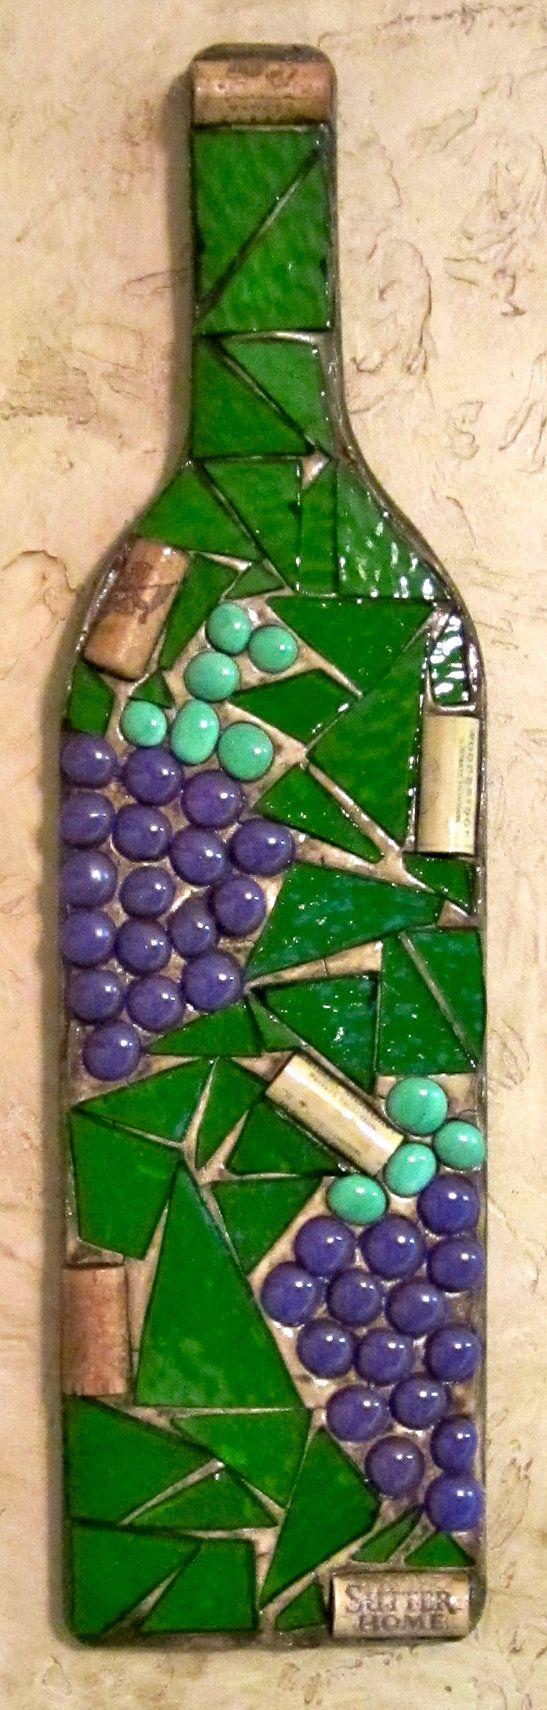 Botella de vino del mosaico tapices por ShumpertCreations en Etsy